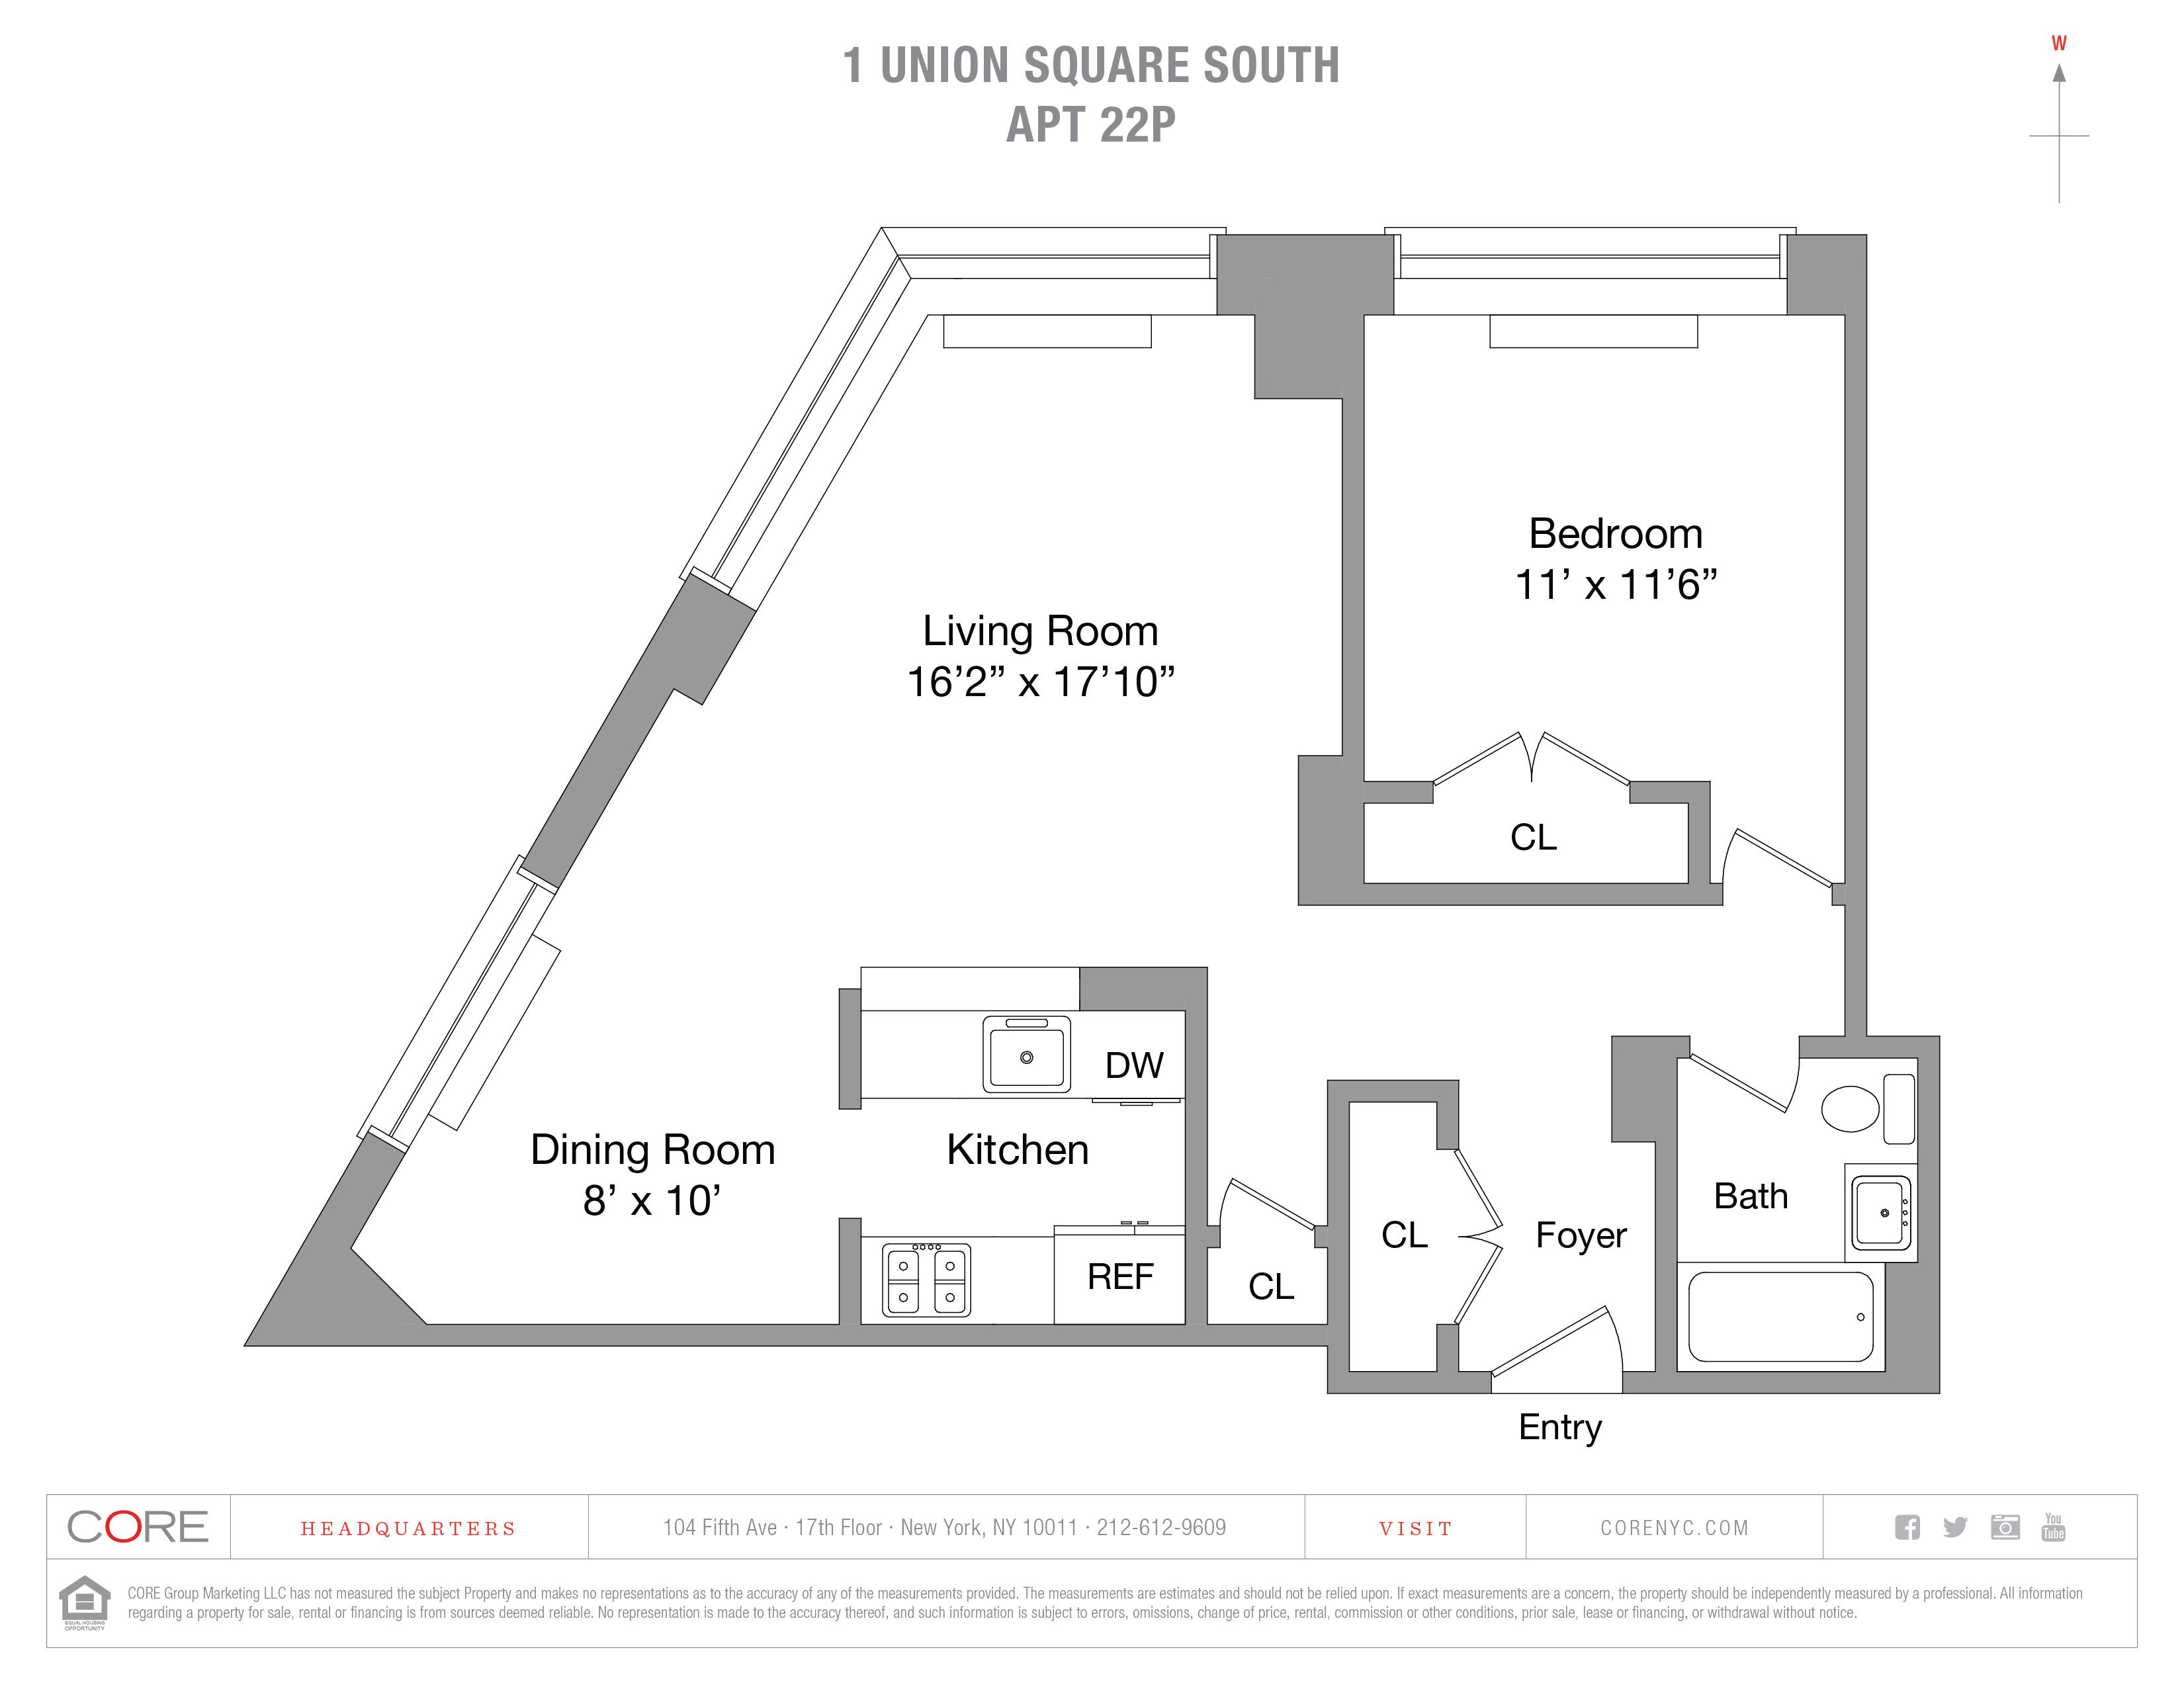 1 Union Sq. South 22P, New York, NY 10003